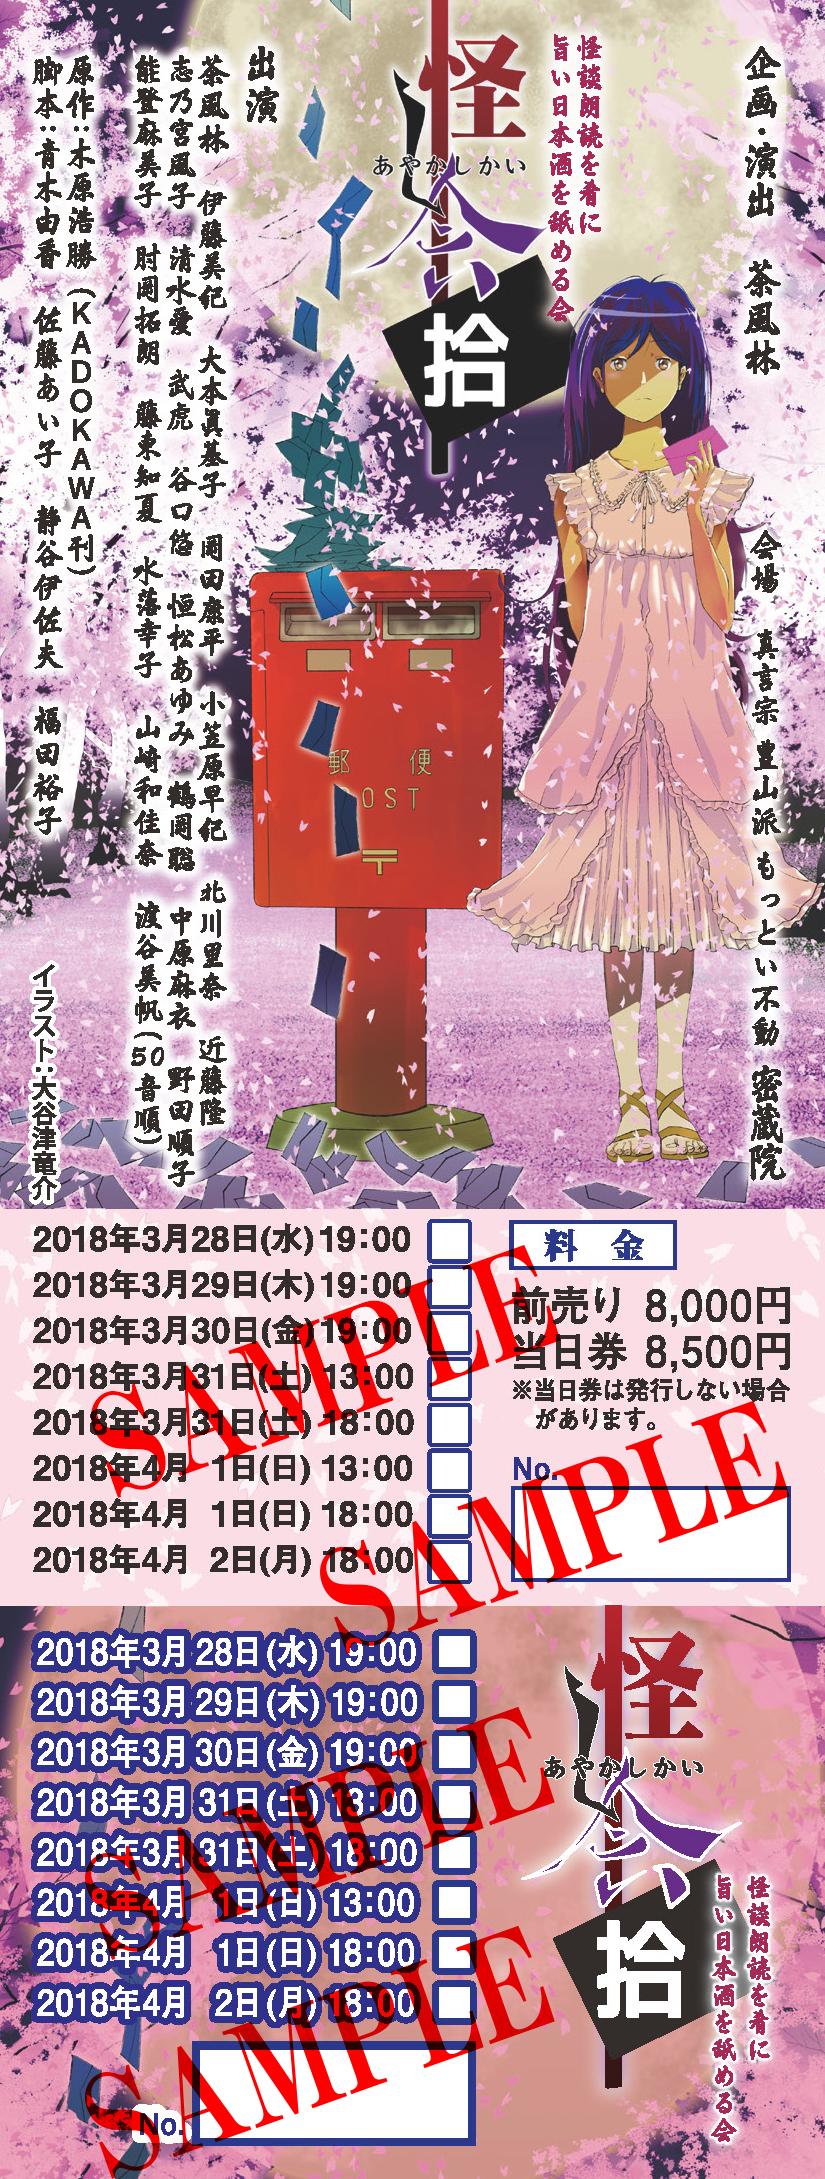 「怪し会拾」チケットデザイン